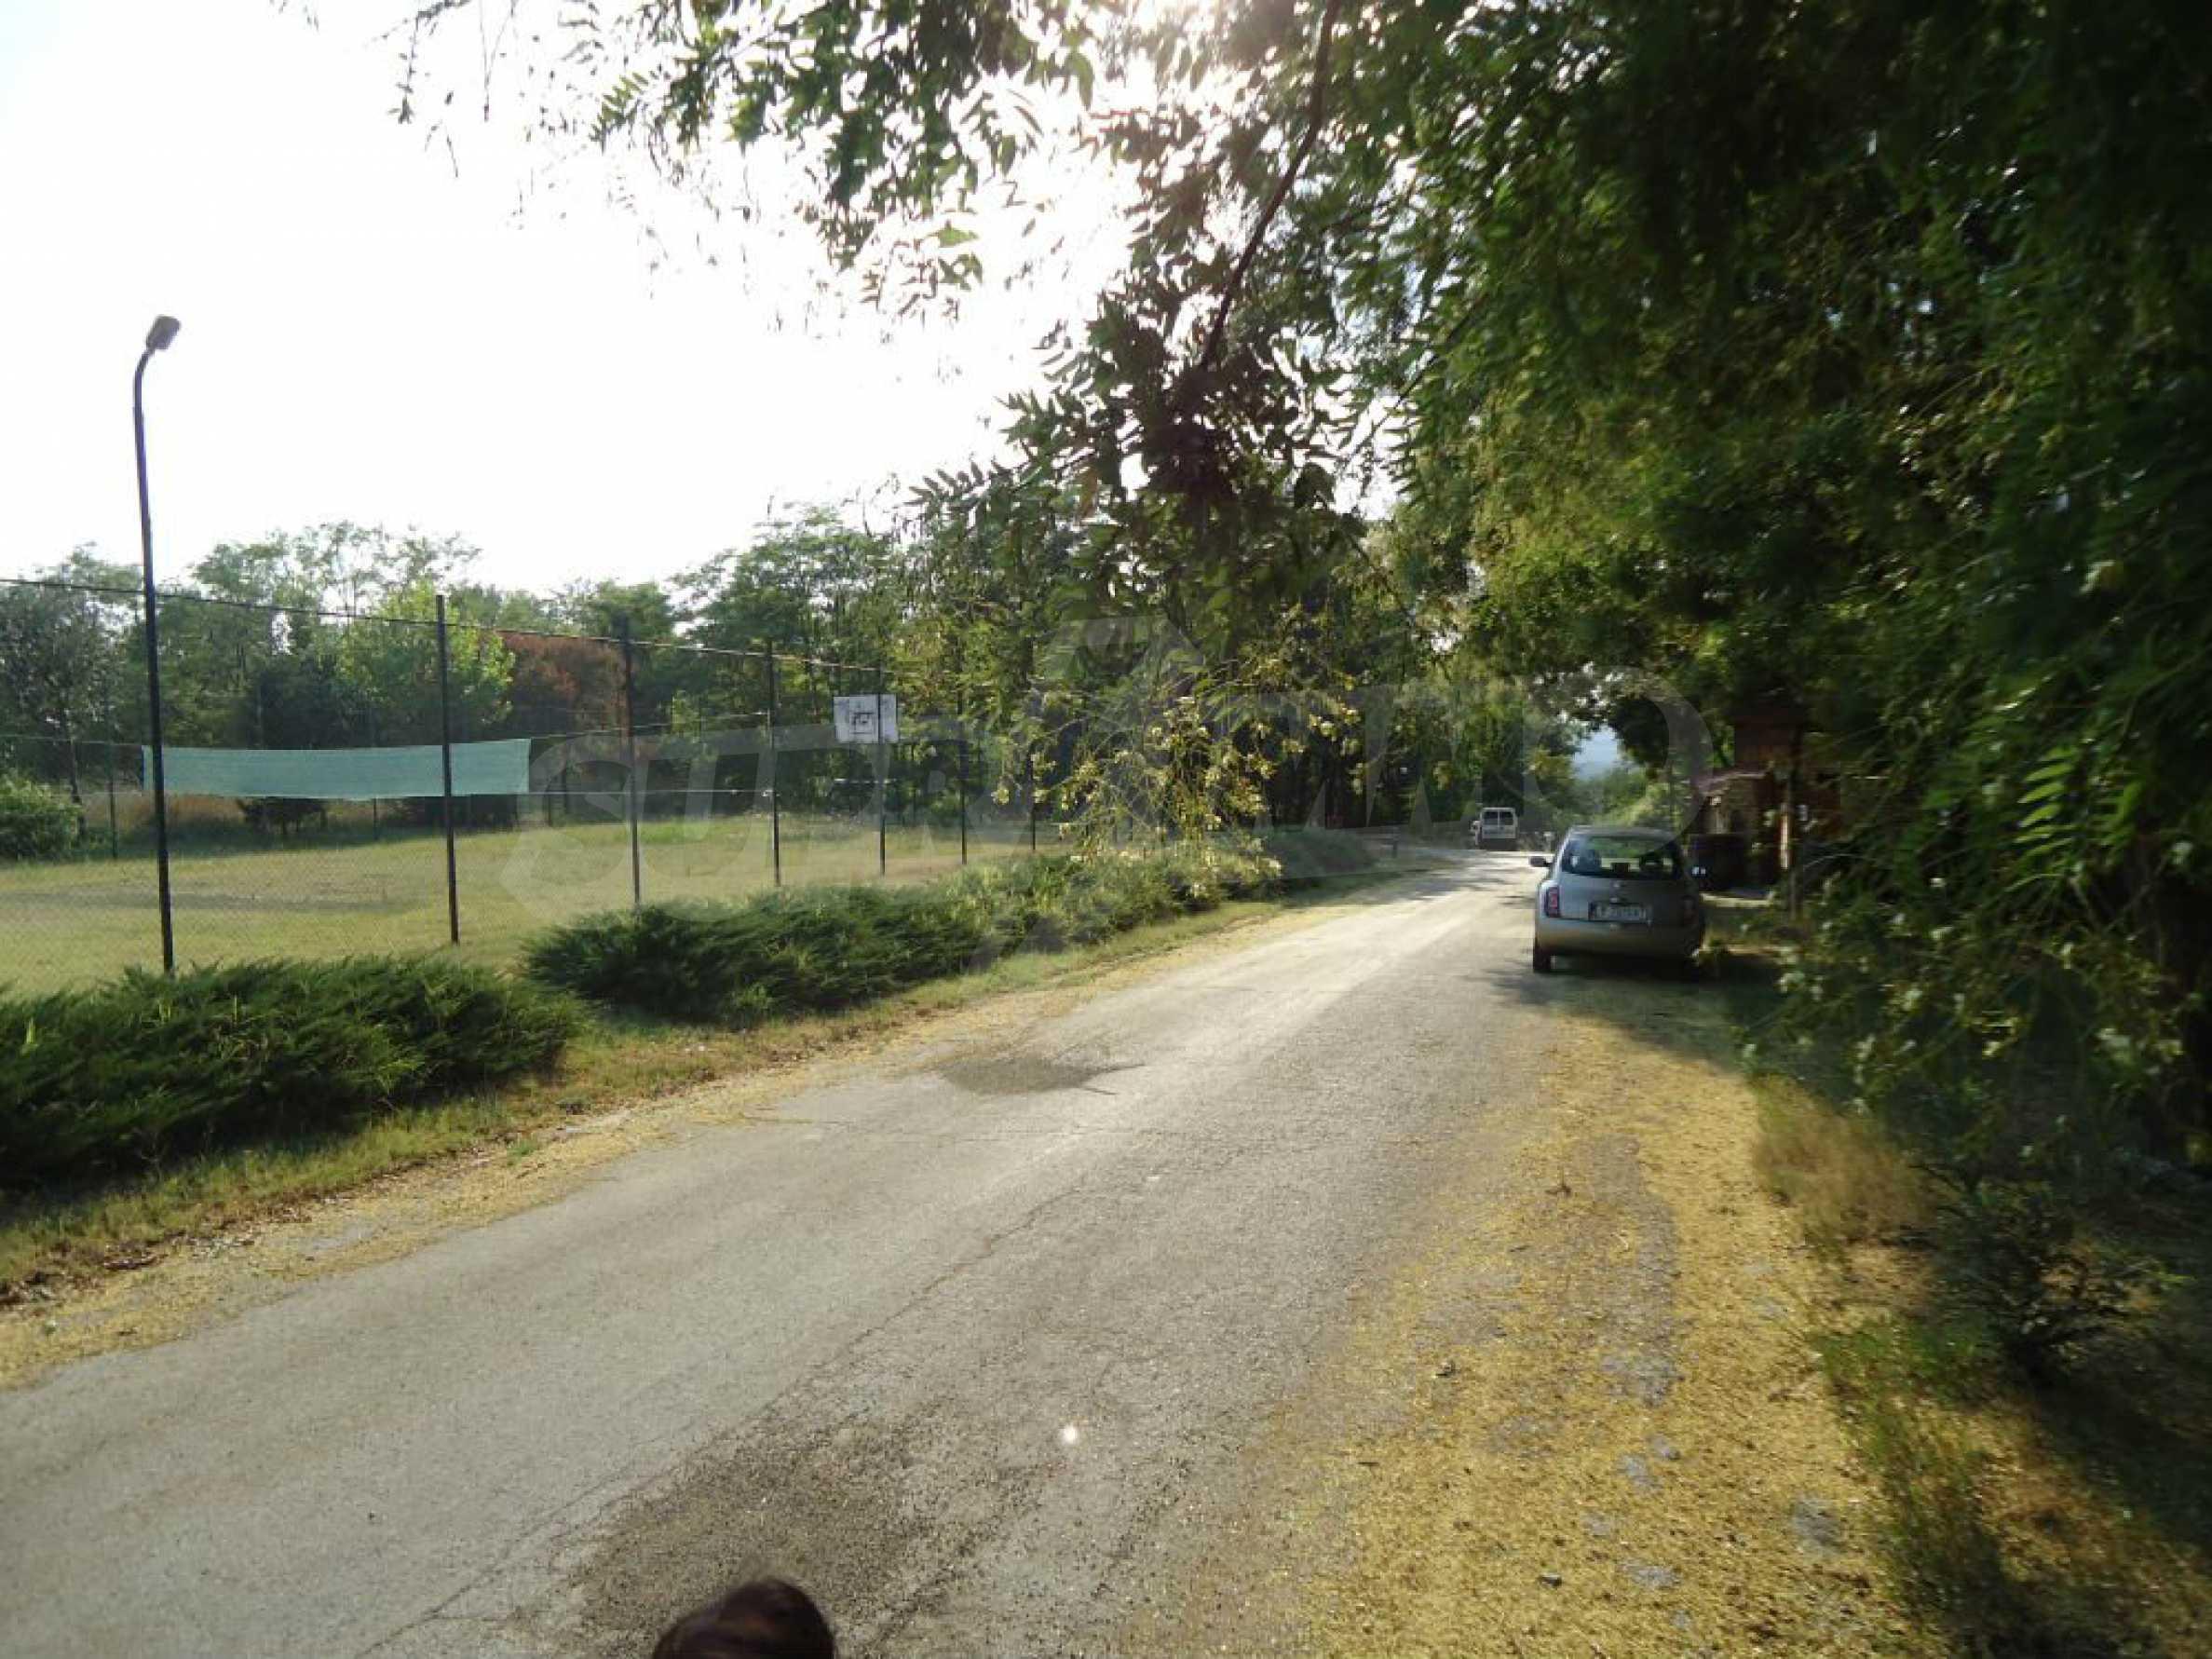 Ackerland in der Nähe der Hauptstraße Rousse-Sofia 2